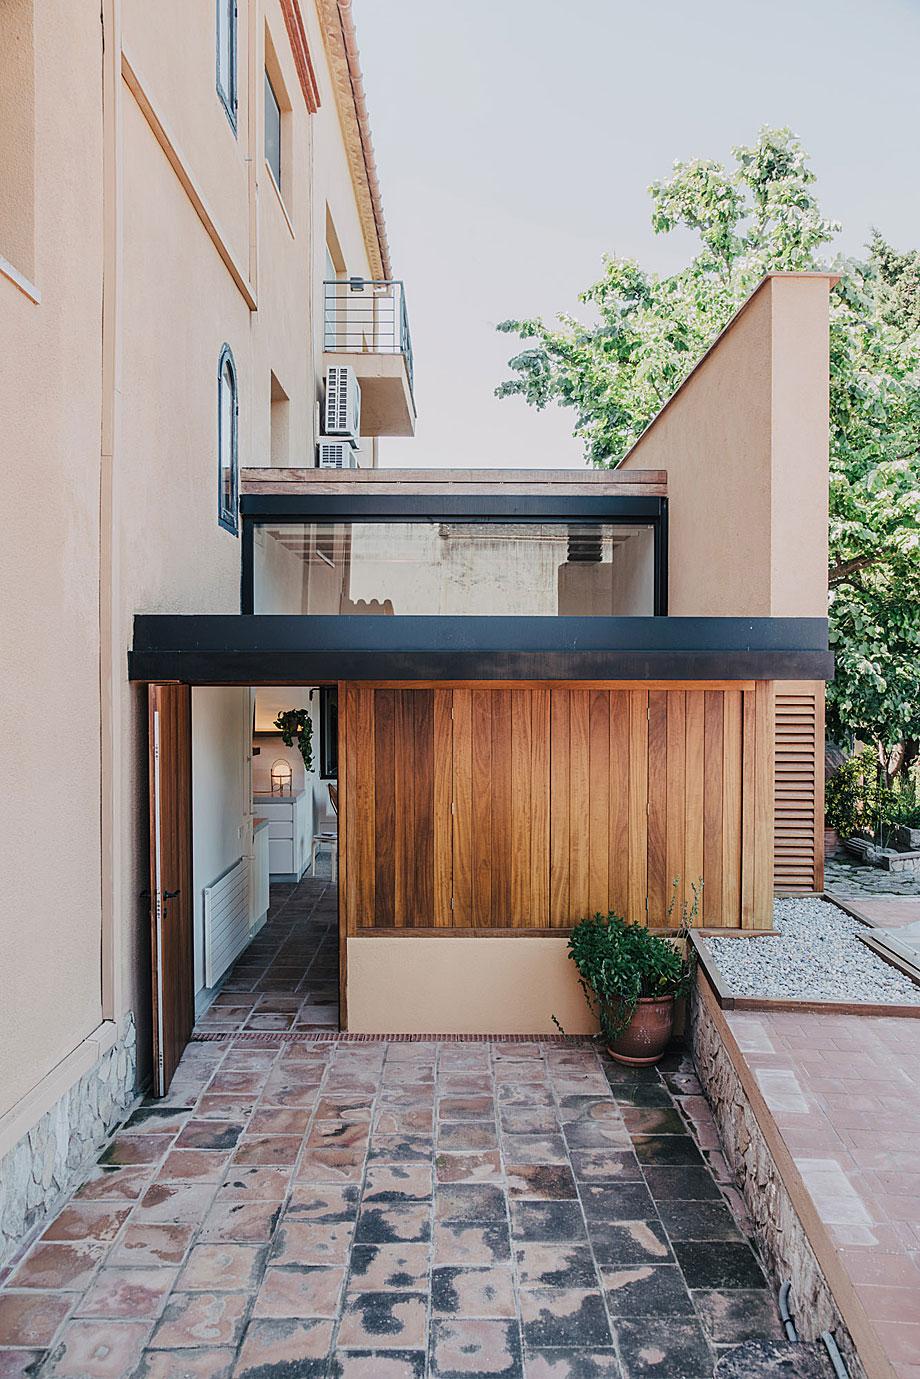 mesura-architecture-sant-mori-ampliacion-girona-housing-project-spain-arquitectura-14